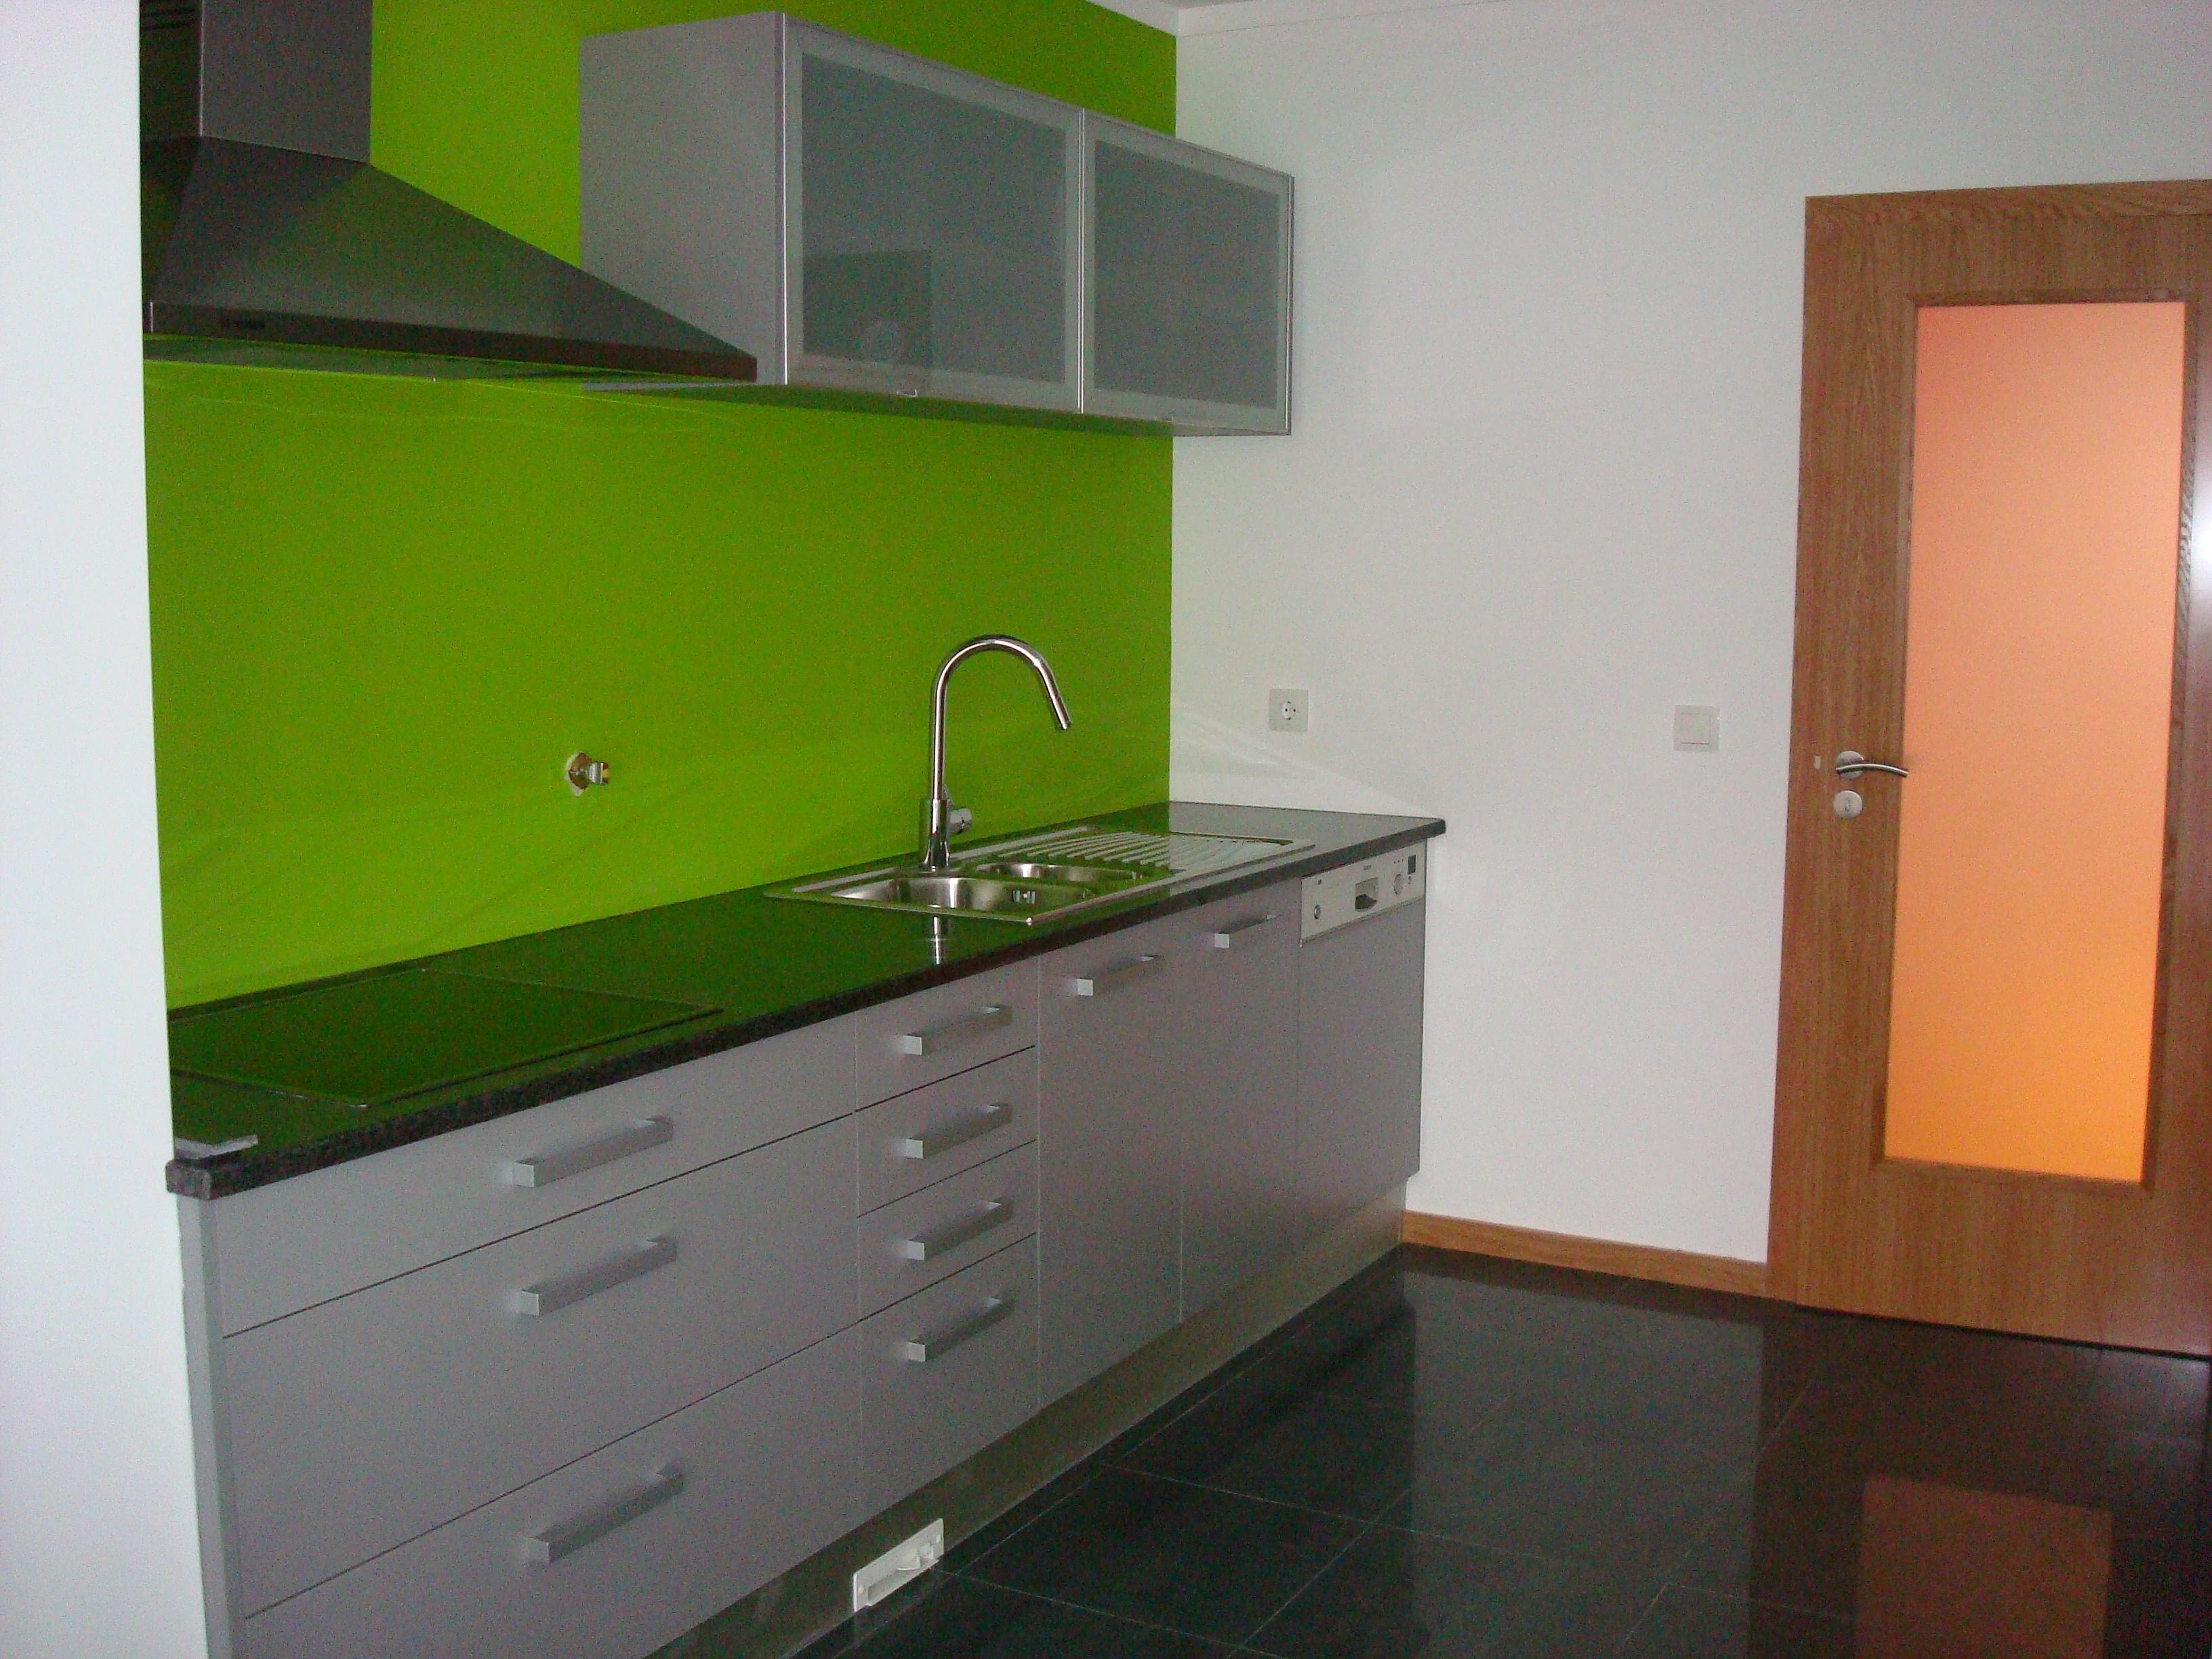 Decoração de cozinha moveis cozinha cinza com revestimento de  #617D11 3264x2448